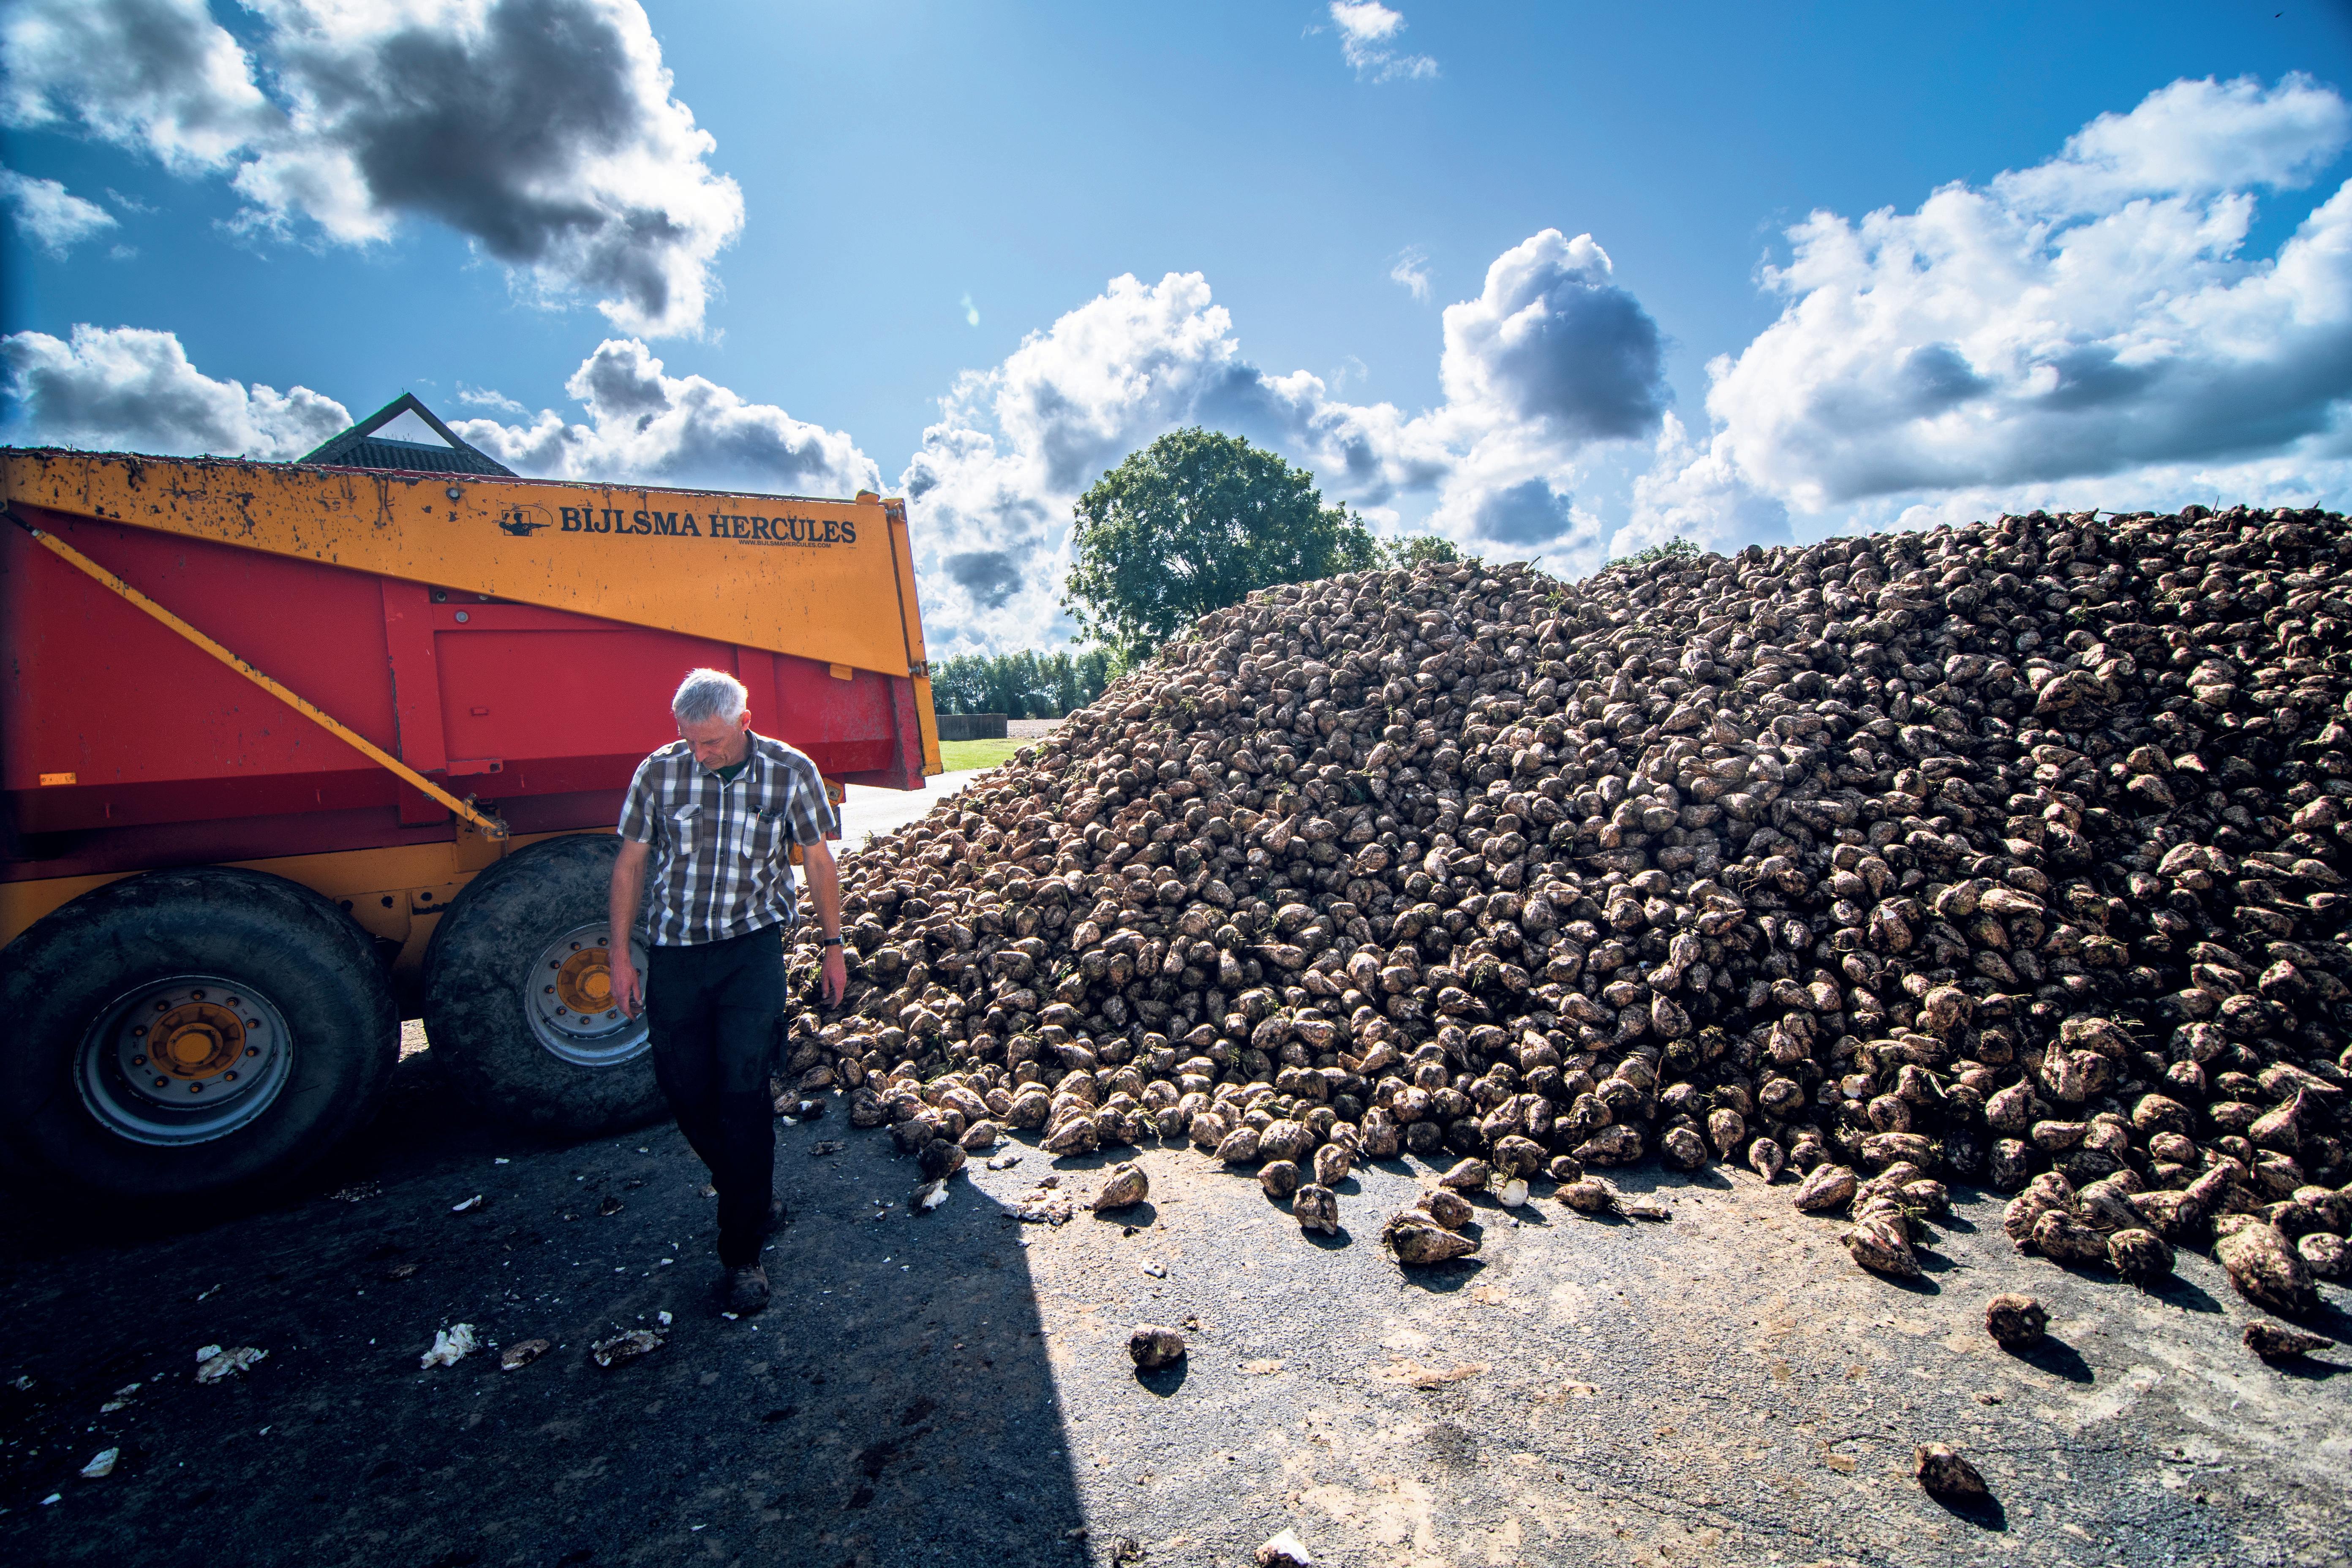 Papier van suikerbietenpulp. Crown Van Gelder in Velsen-Noord begint er volgend jaar mee. 'Hierdoor is een flinke afname van CO2-uitstoot en fijnstof mogelijk', stelt directeur Miklas Dronkers